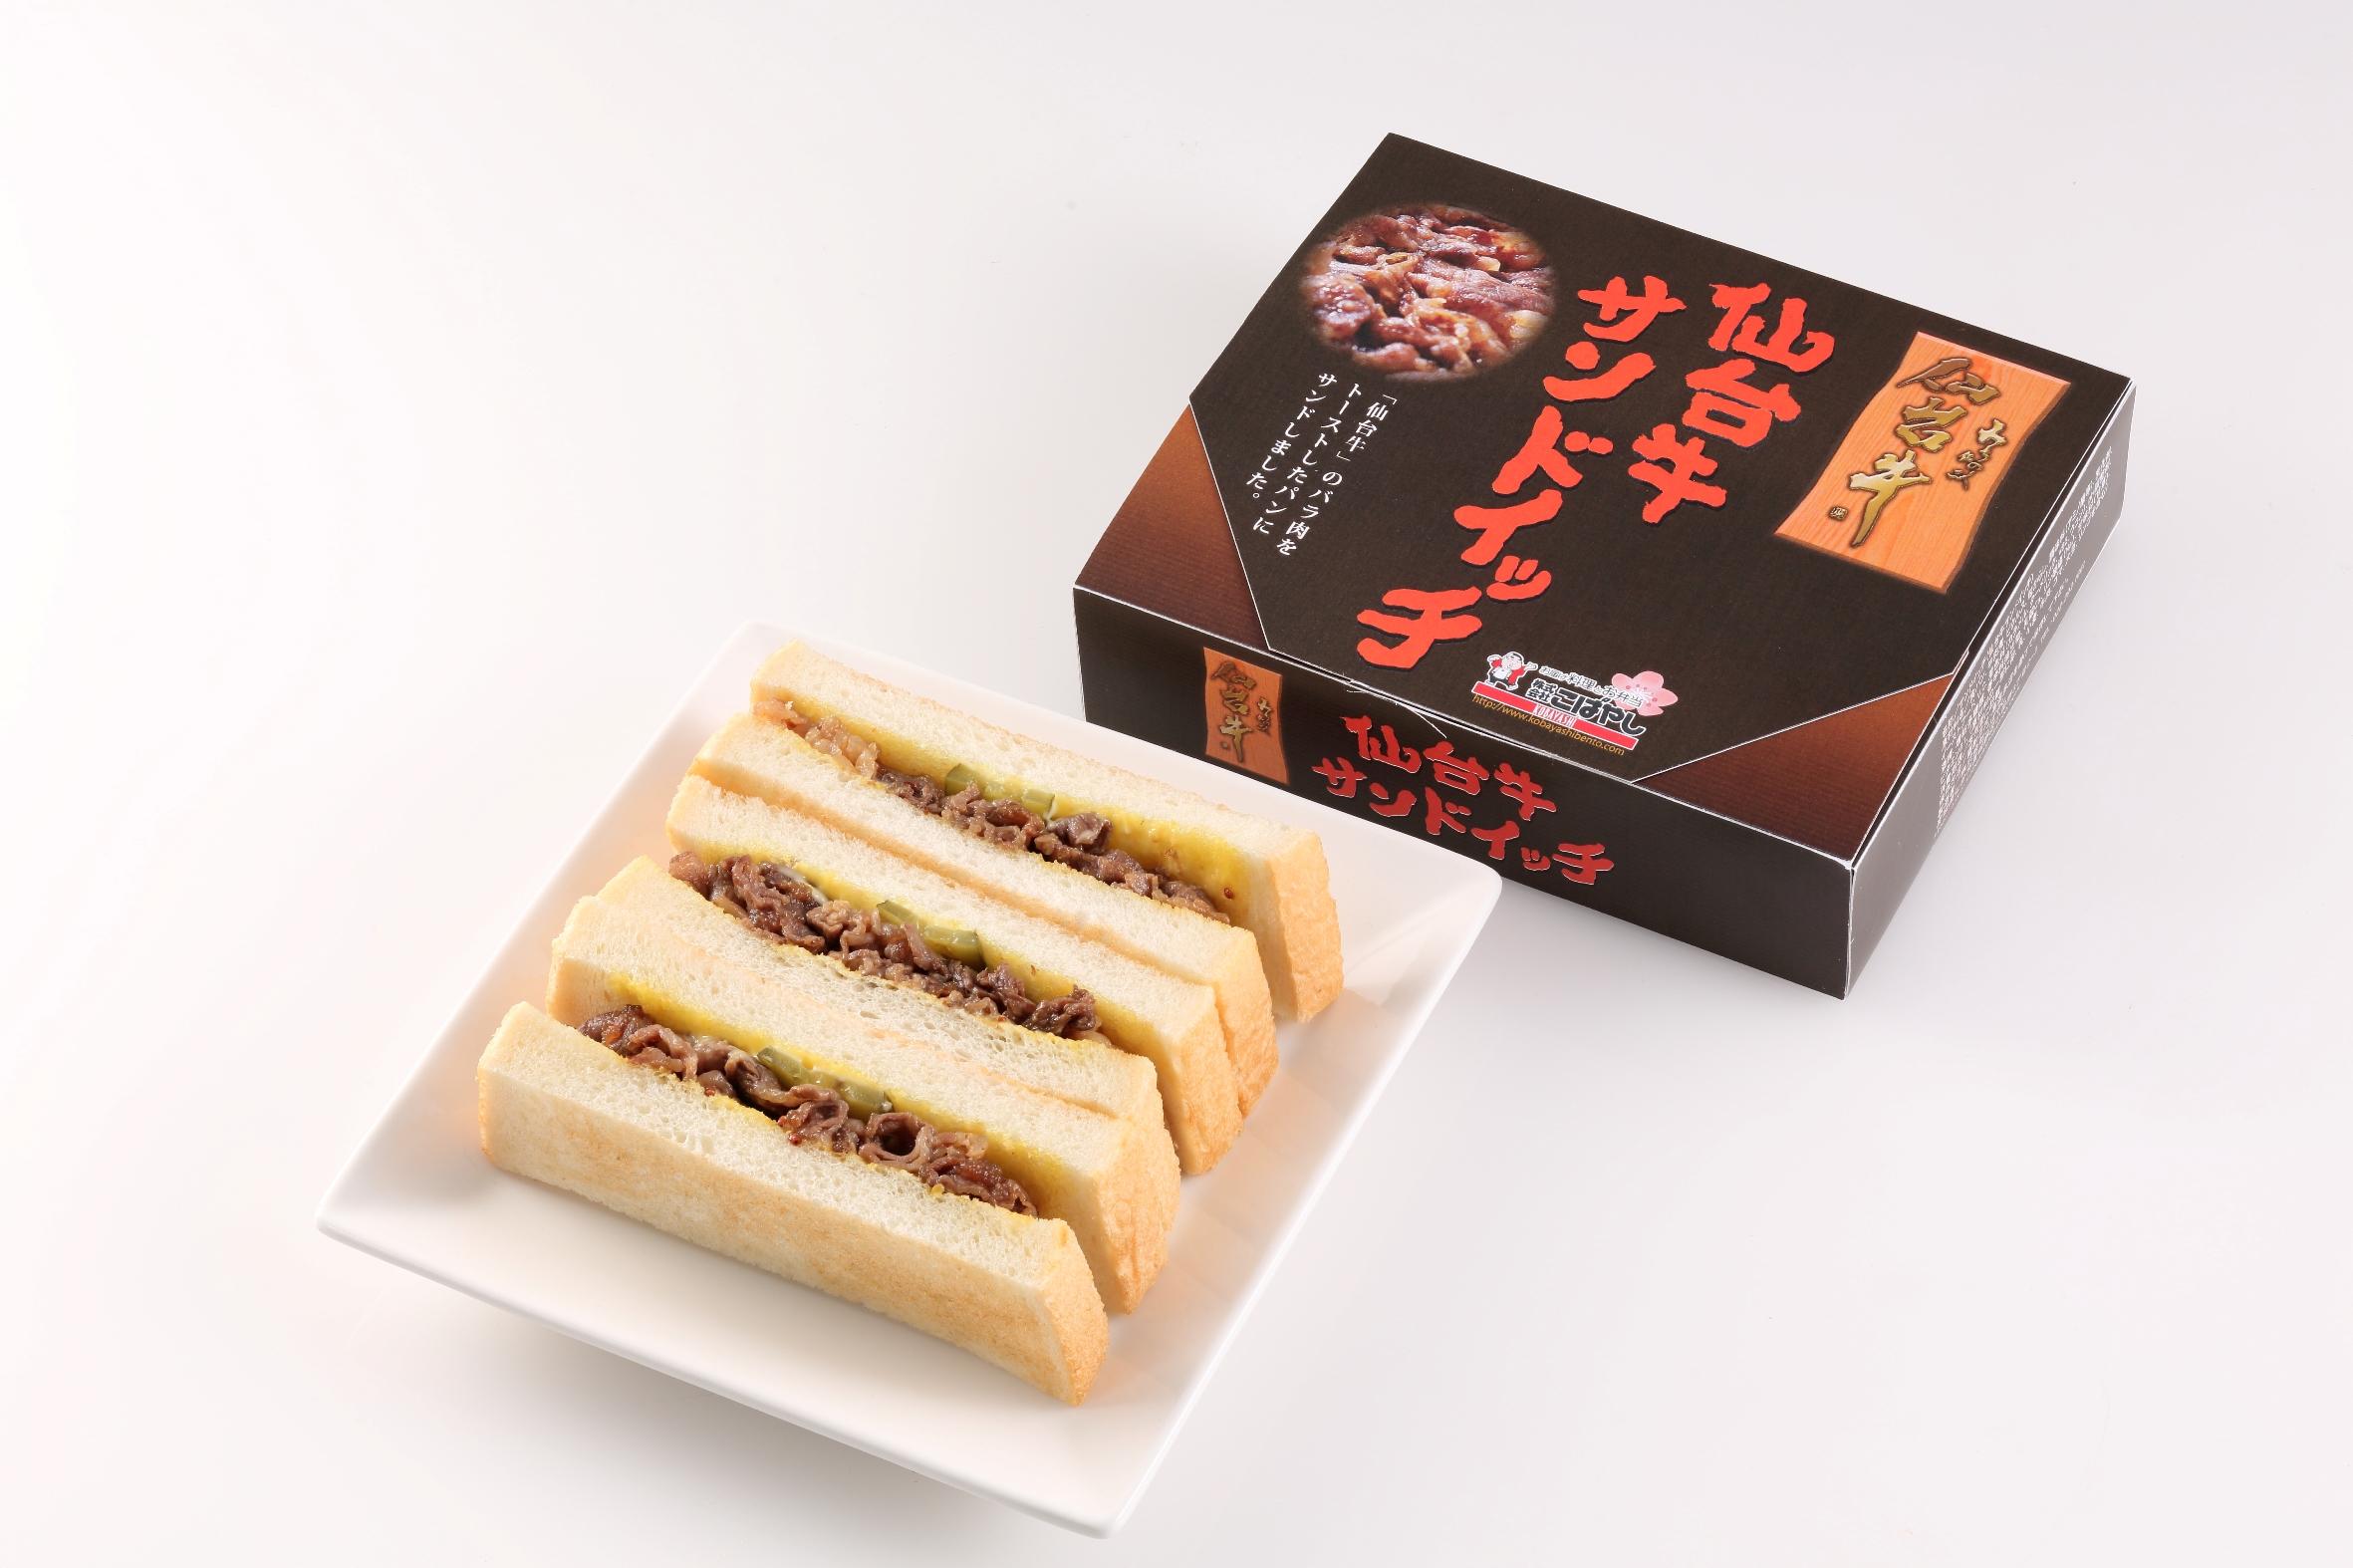 仙台牛サンドイッチ 750円(税込)